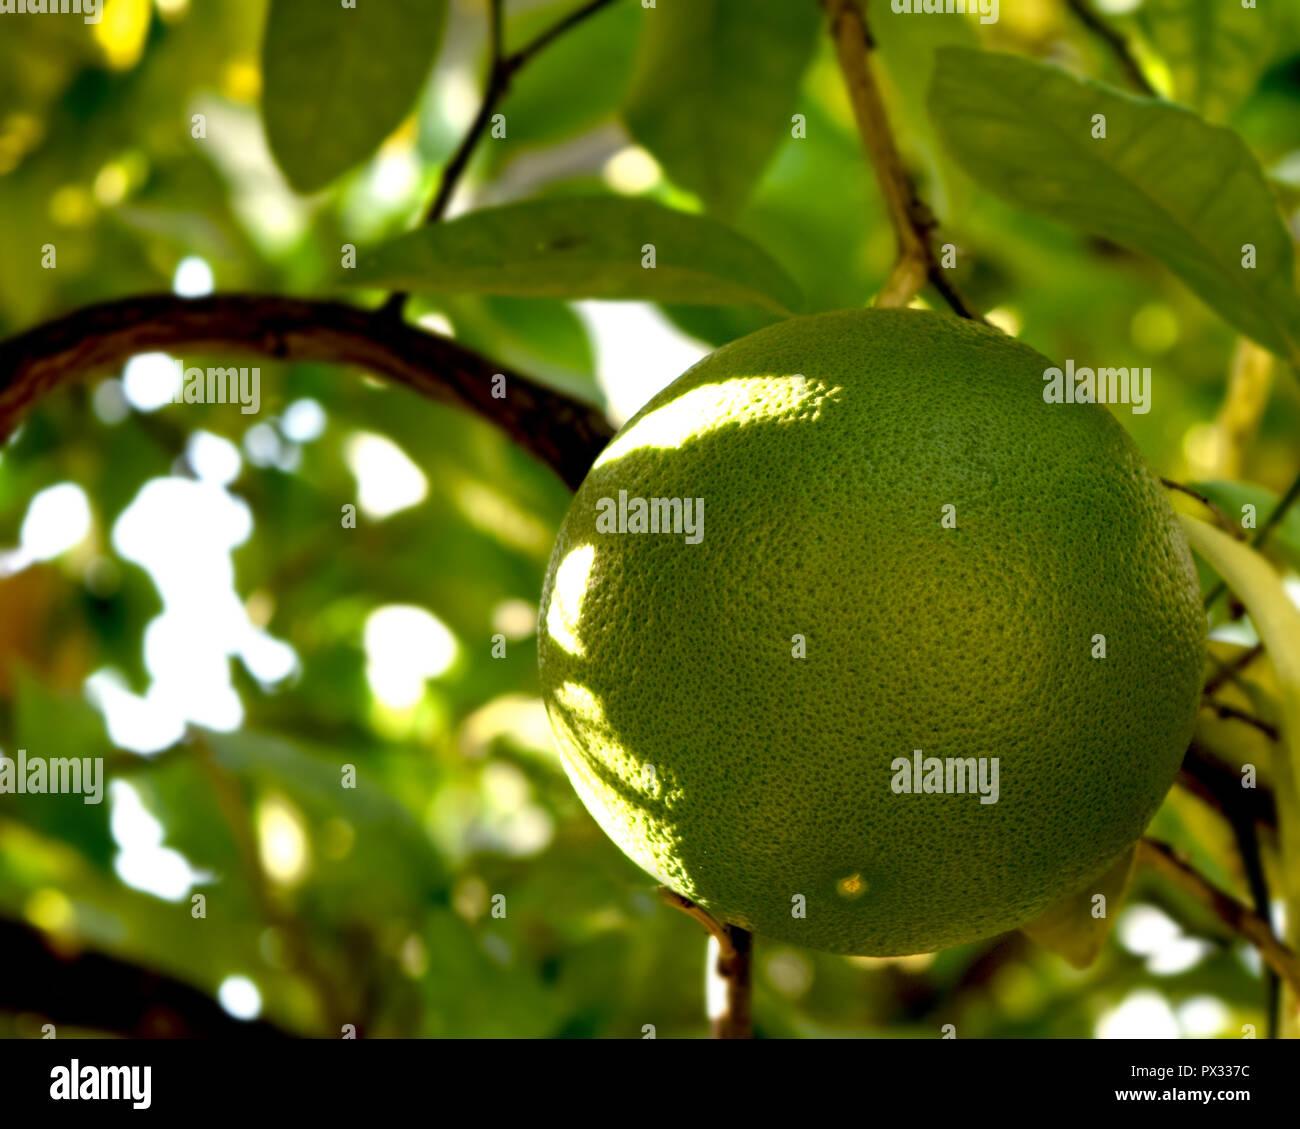 Grapefruit Nahaufnahme Obstbaum Sonnigen Tag Stockbild